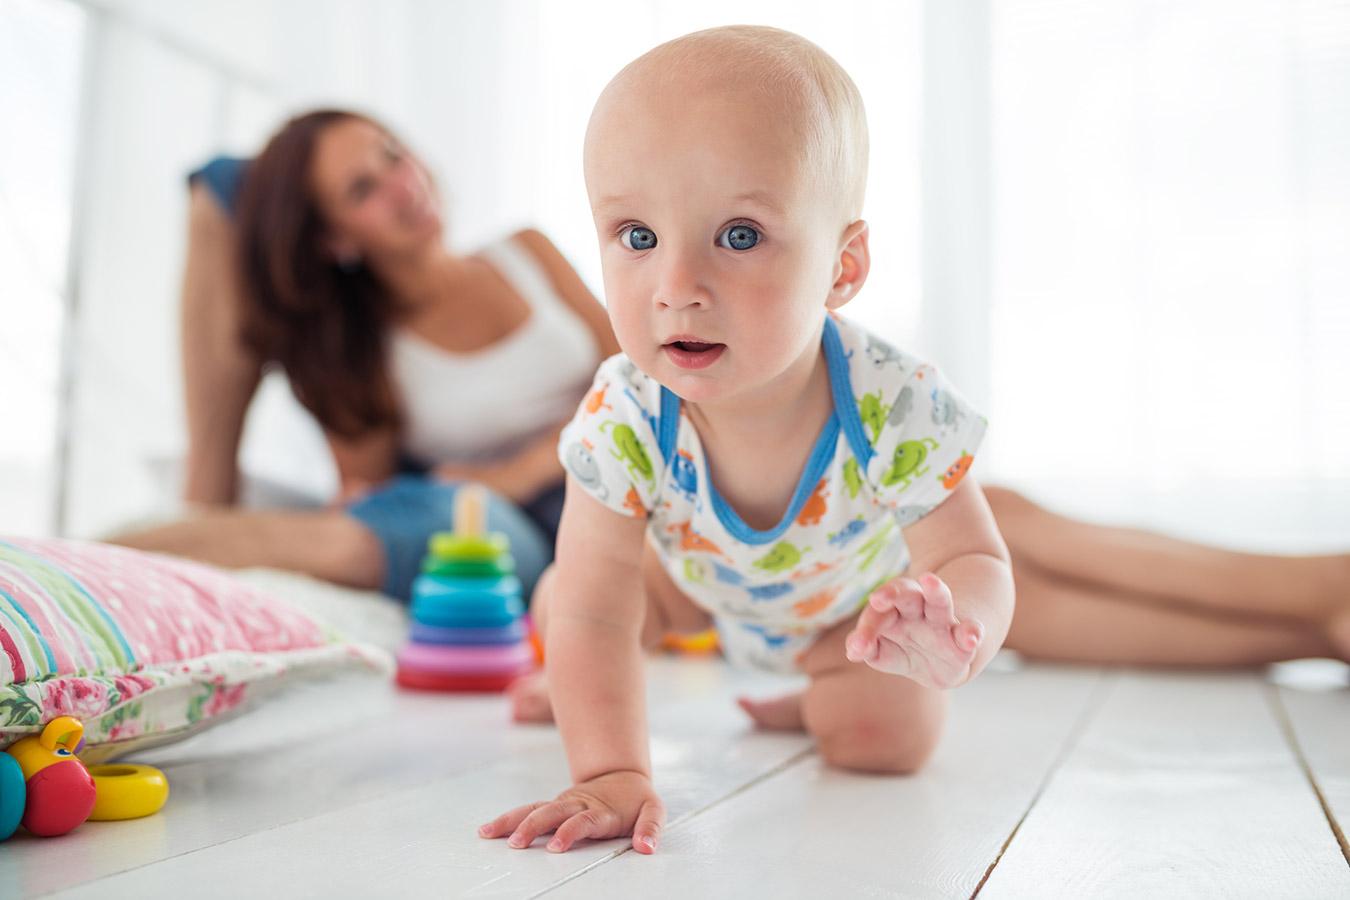 27 tygodniowe dziecko – Jak wygląda 27 tydzień życia dziecka?